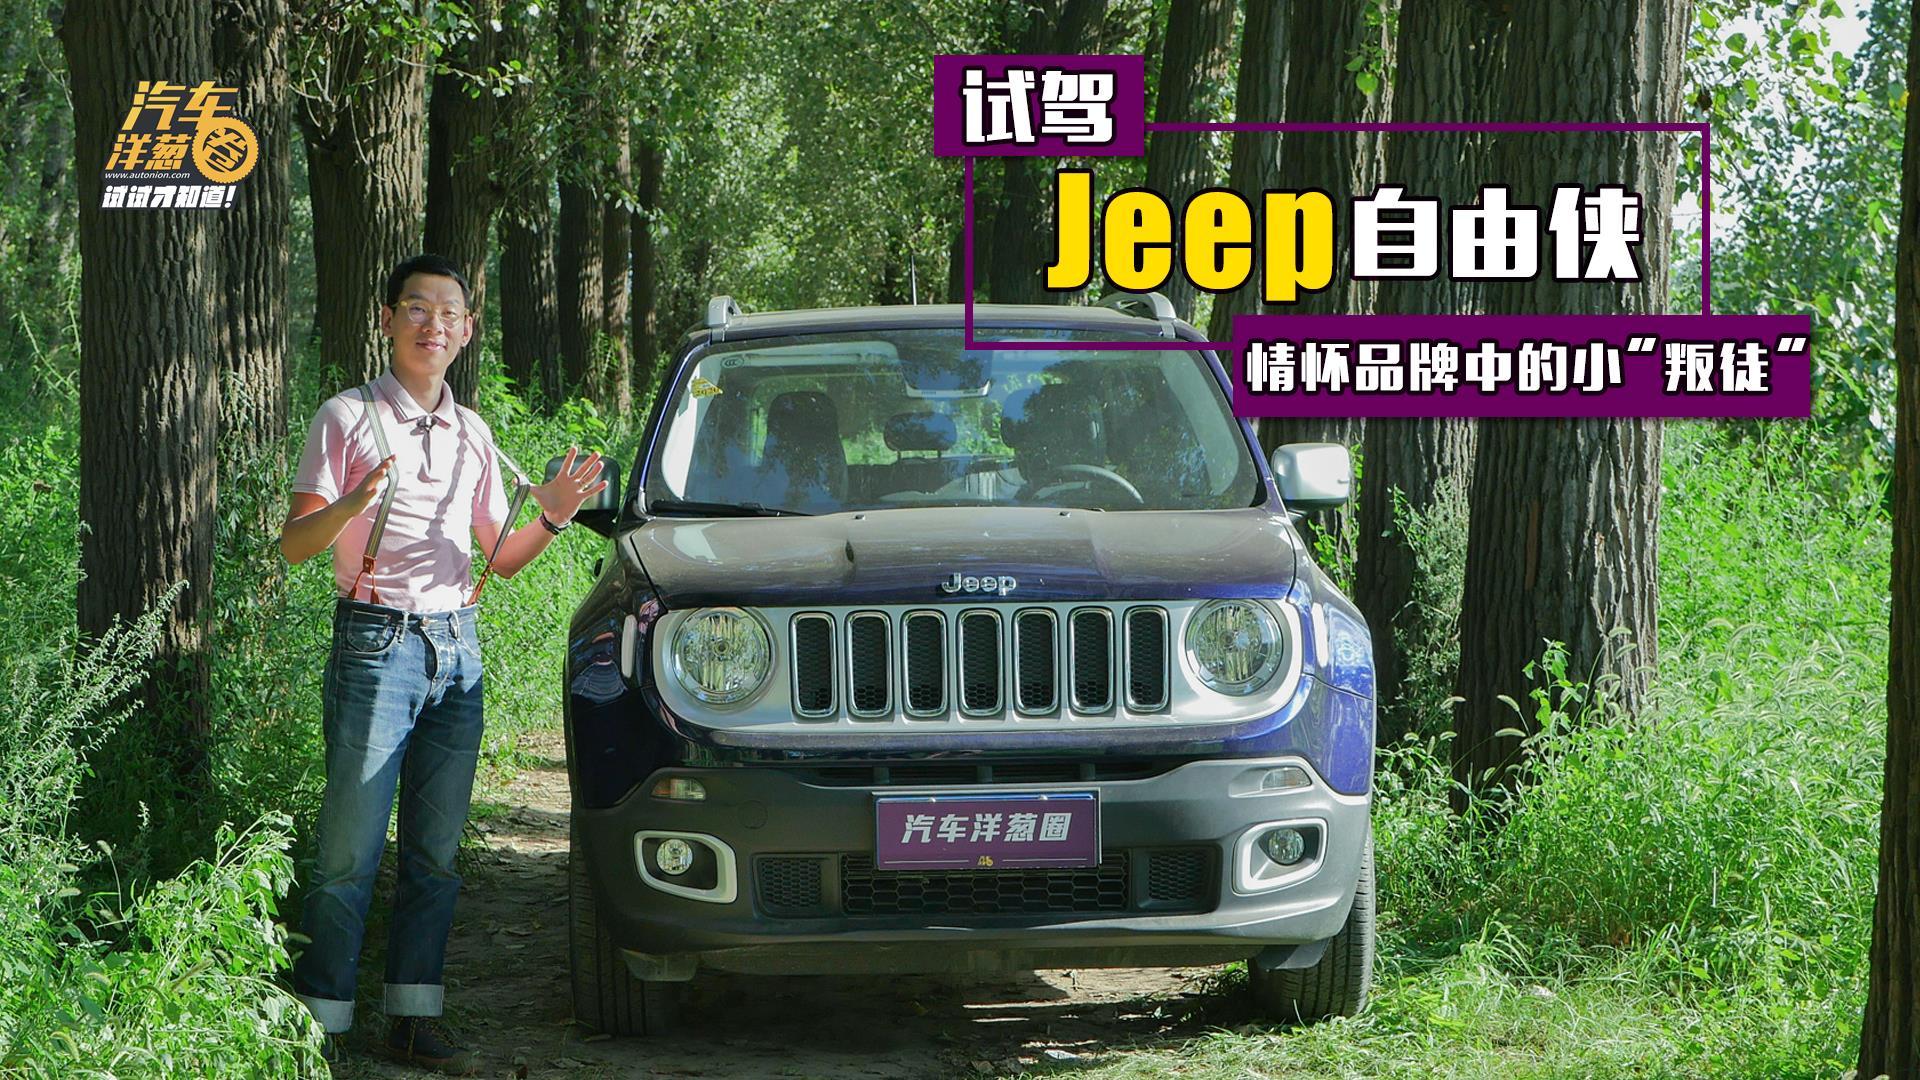 情怀品牌中的小叛徒!试驾Jeep自由侠180TS!